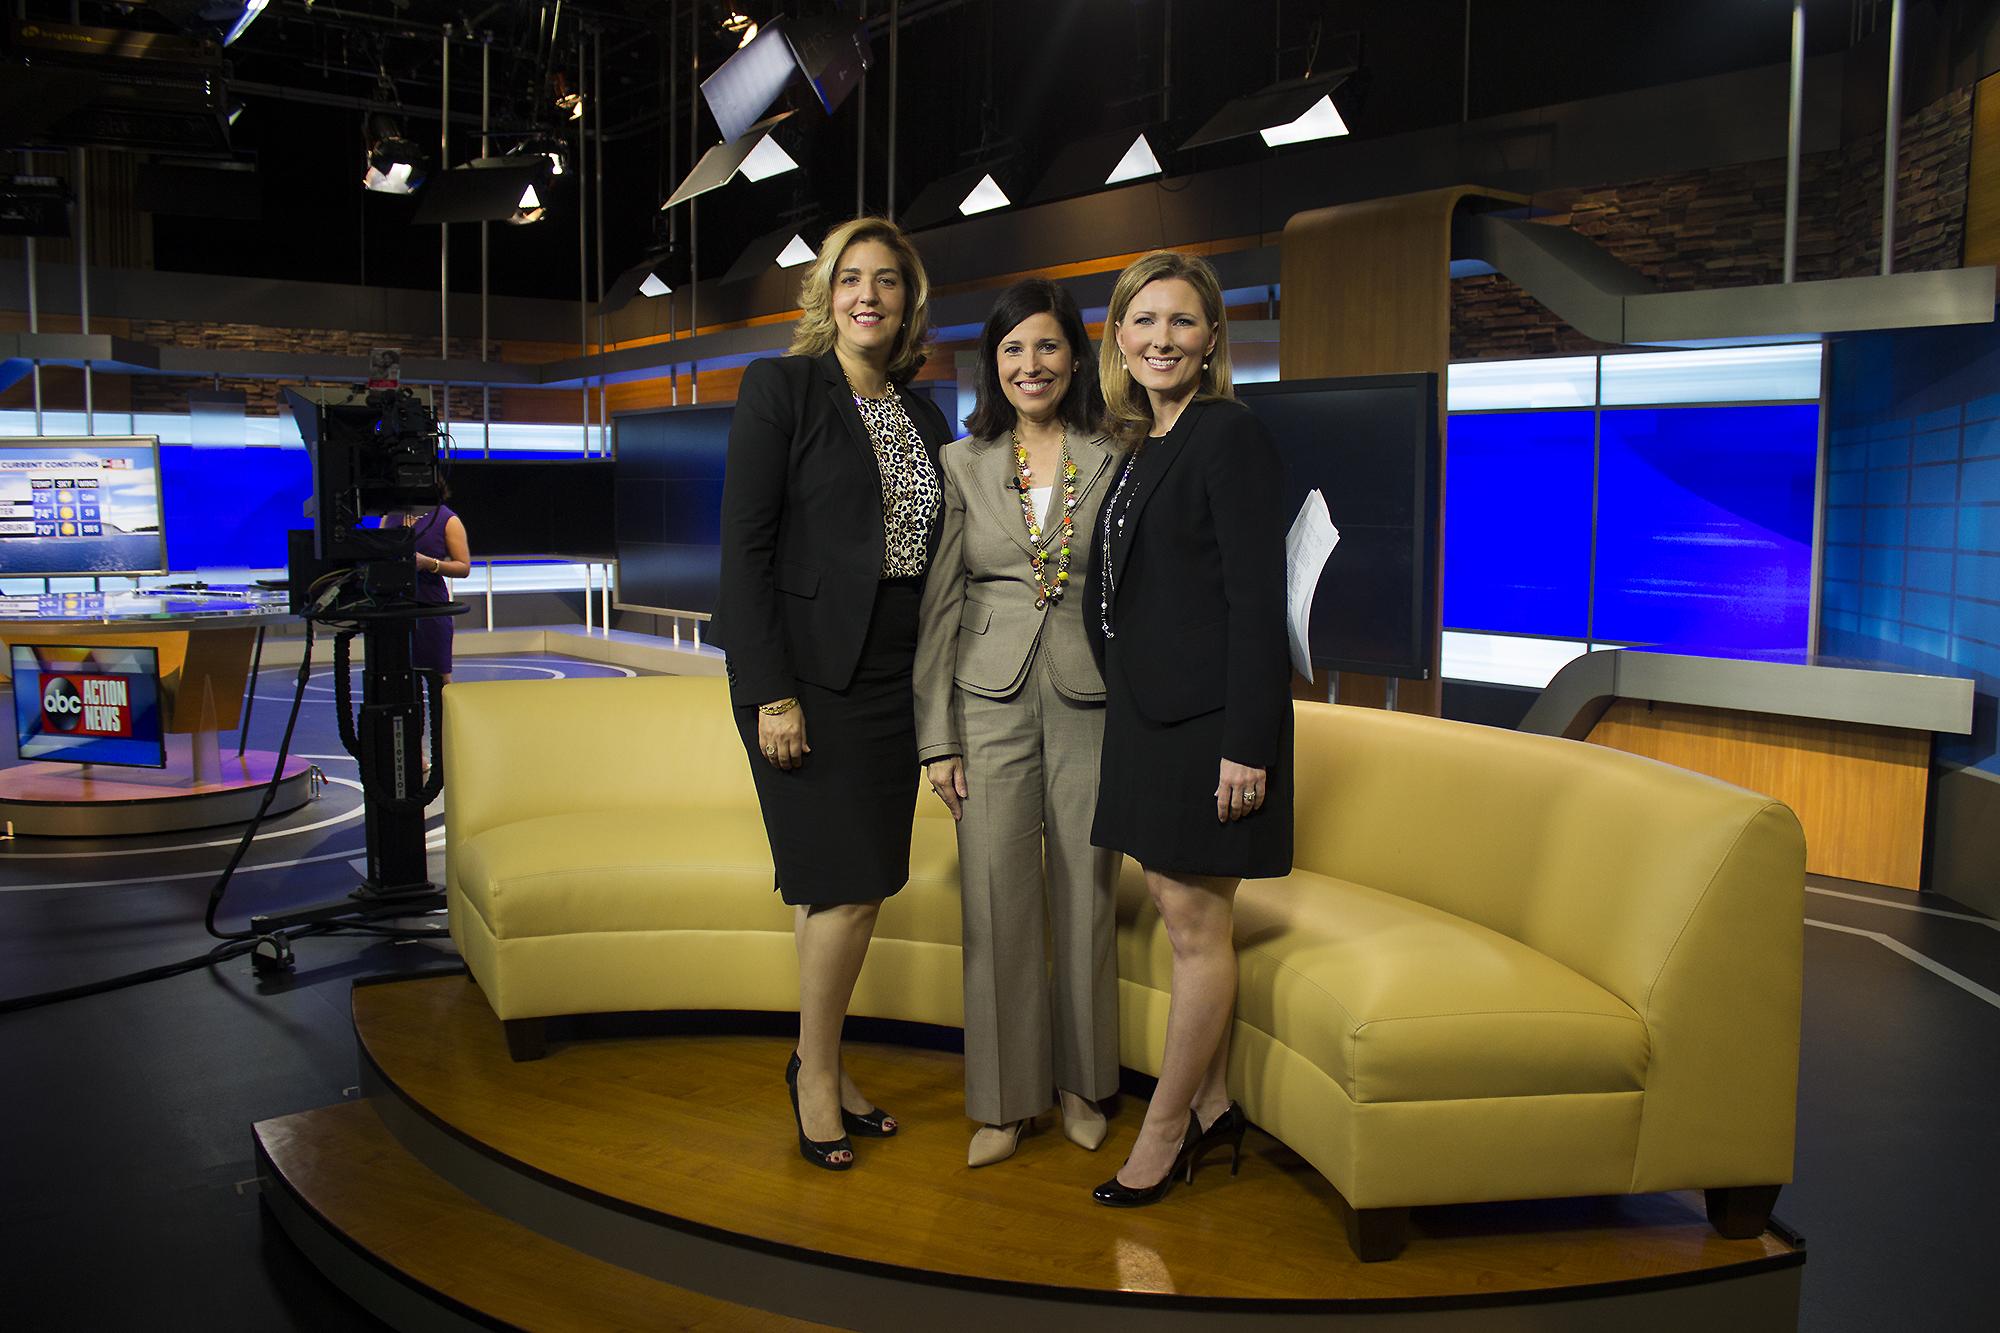 (Left to Right): Arlene DiBenigno, Lissette Campos,Whitney Jones